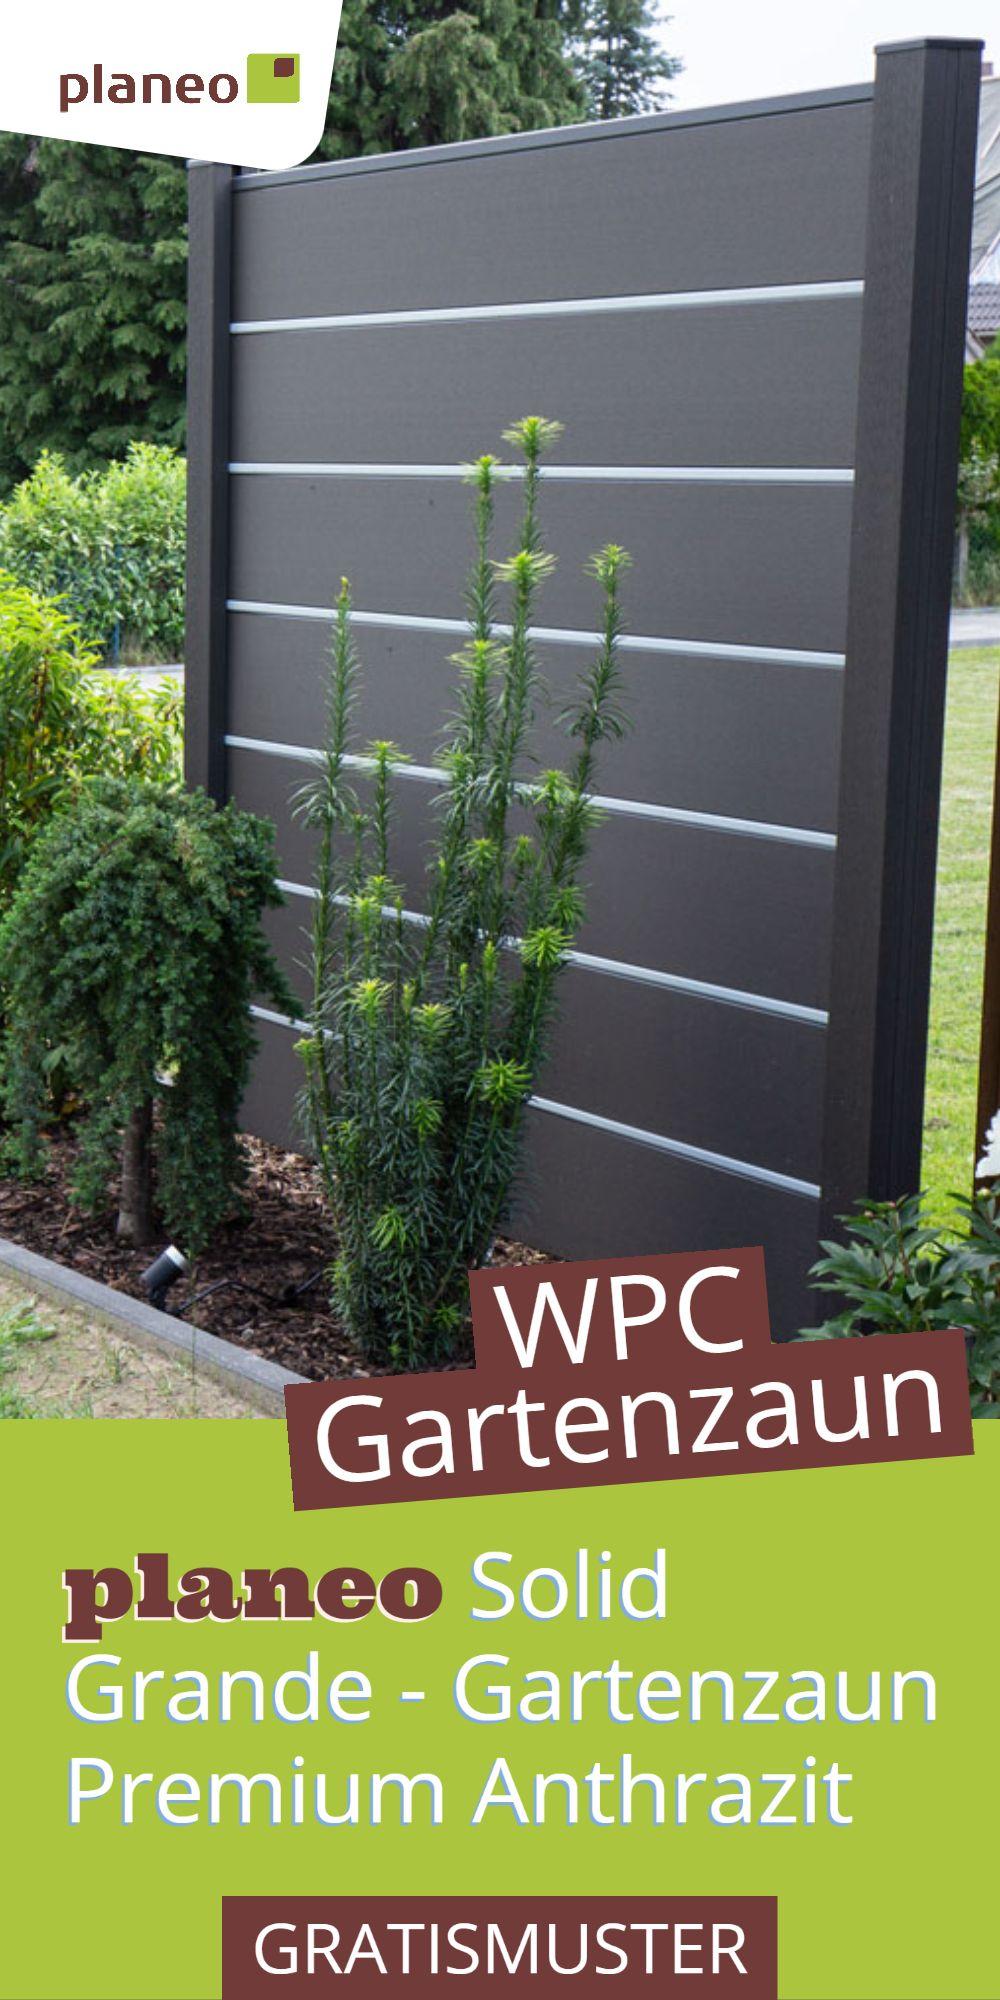 planeo Solid Grande WPC Gartenzaun Premium Anthrazit